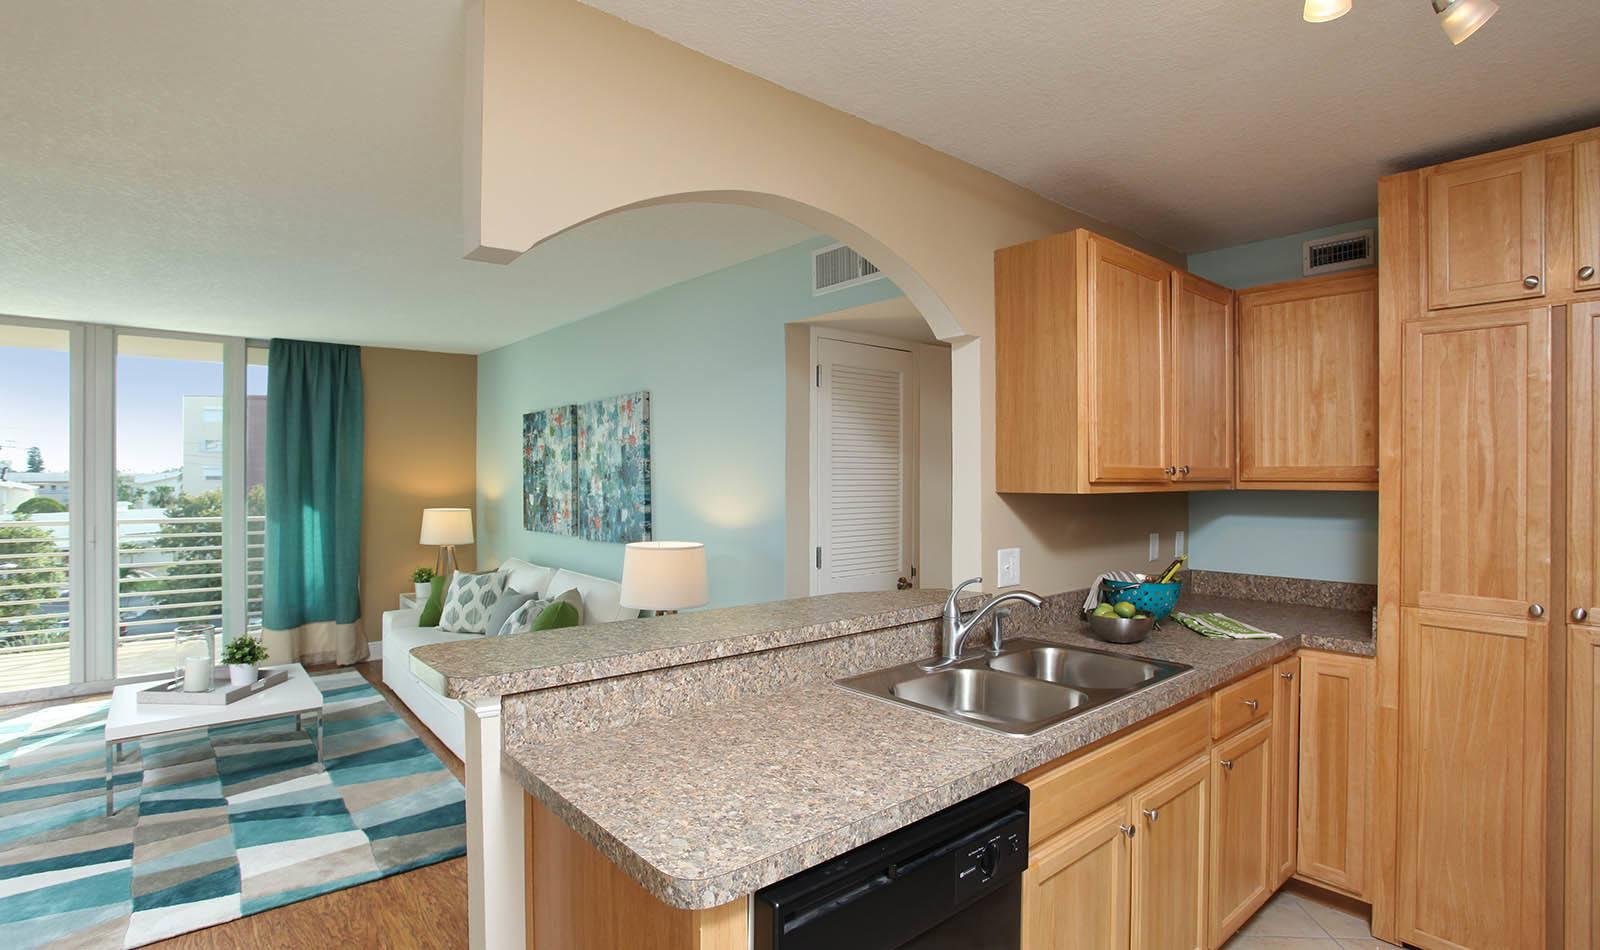 Kitchen at apartments in South Pasadena, FL